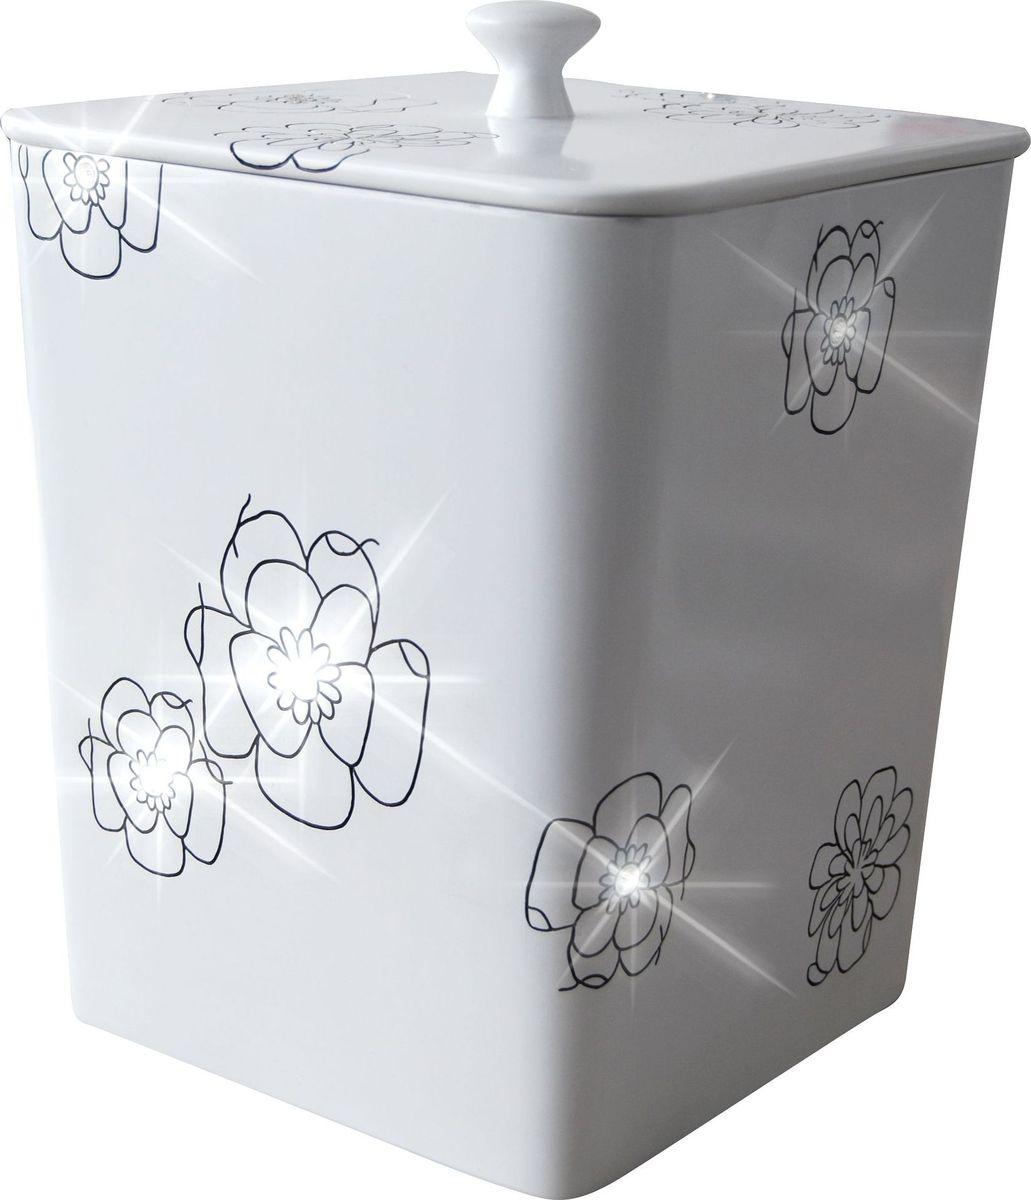 Ведро мусорное Ridder Diamond, цвет: белый, 8,5 л0380Высококачественные немецкие аксессуары для ванных комнат. Данная серия изготавливается из полирезина. Экологичный полирезин - это твердый многокомпонентный материал на основе синтетической смолы,с добавлением каменной крошки и красящих пигментов Объем: 8,5 л.